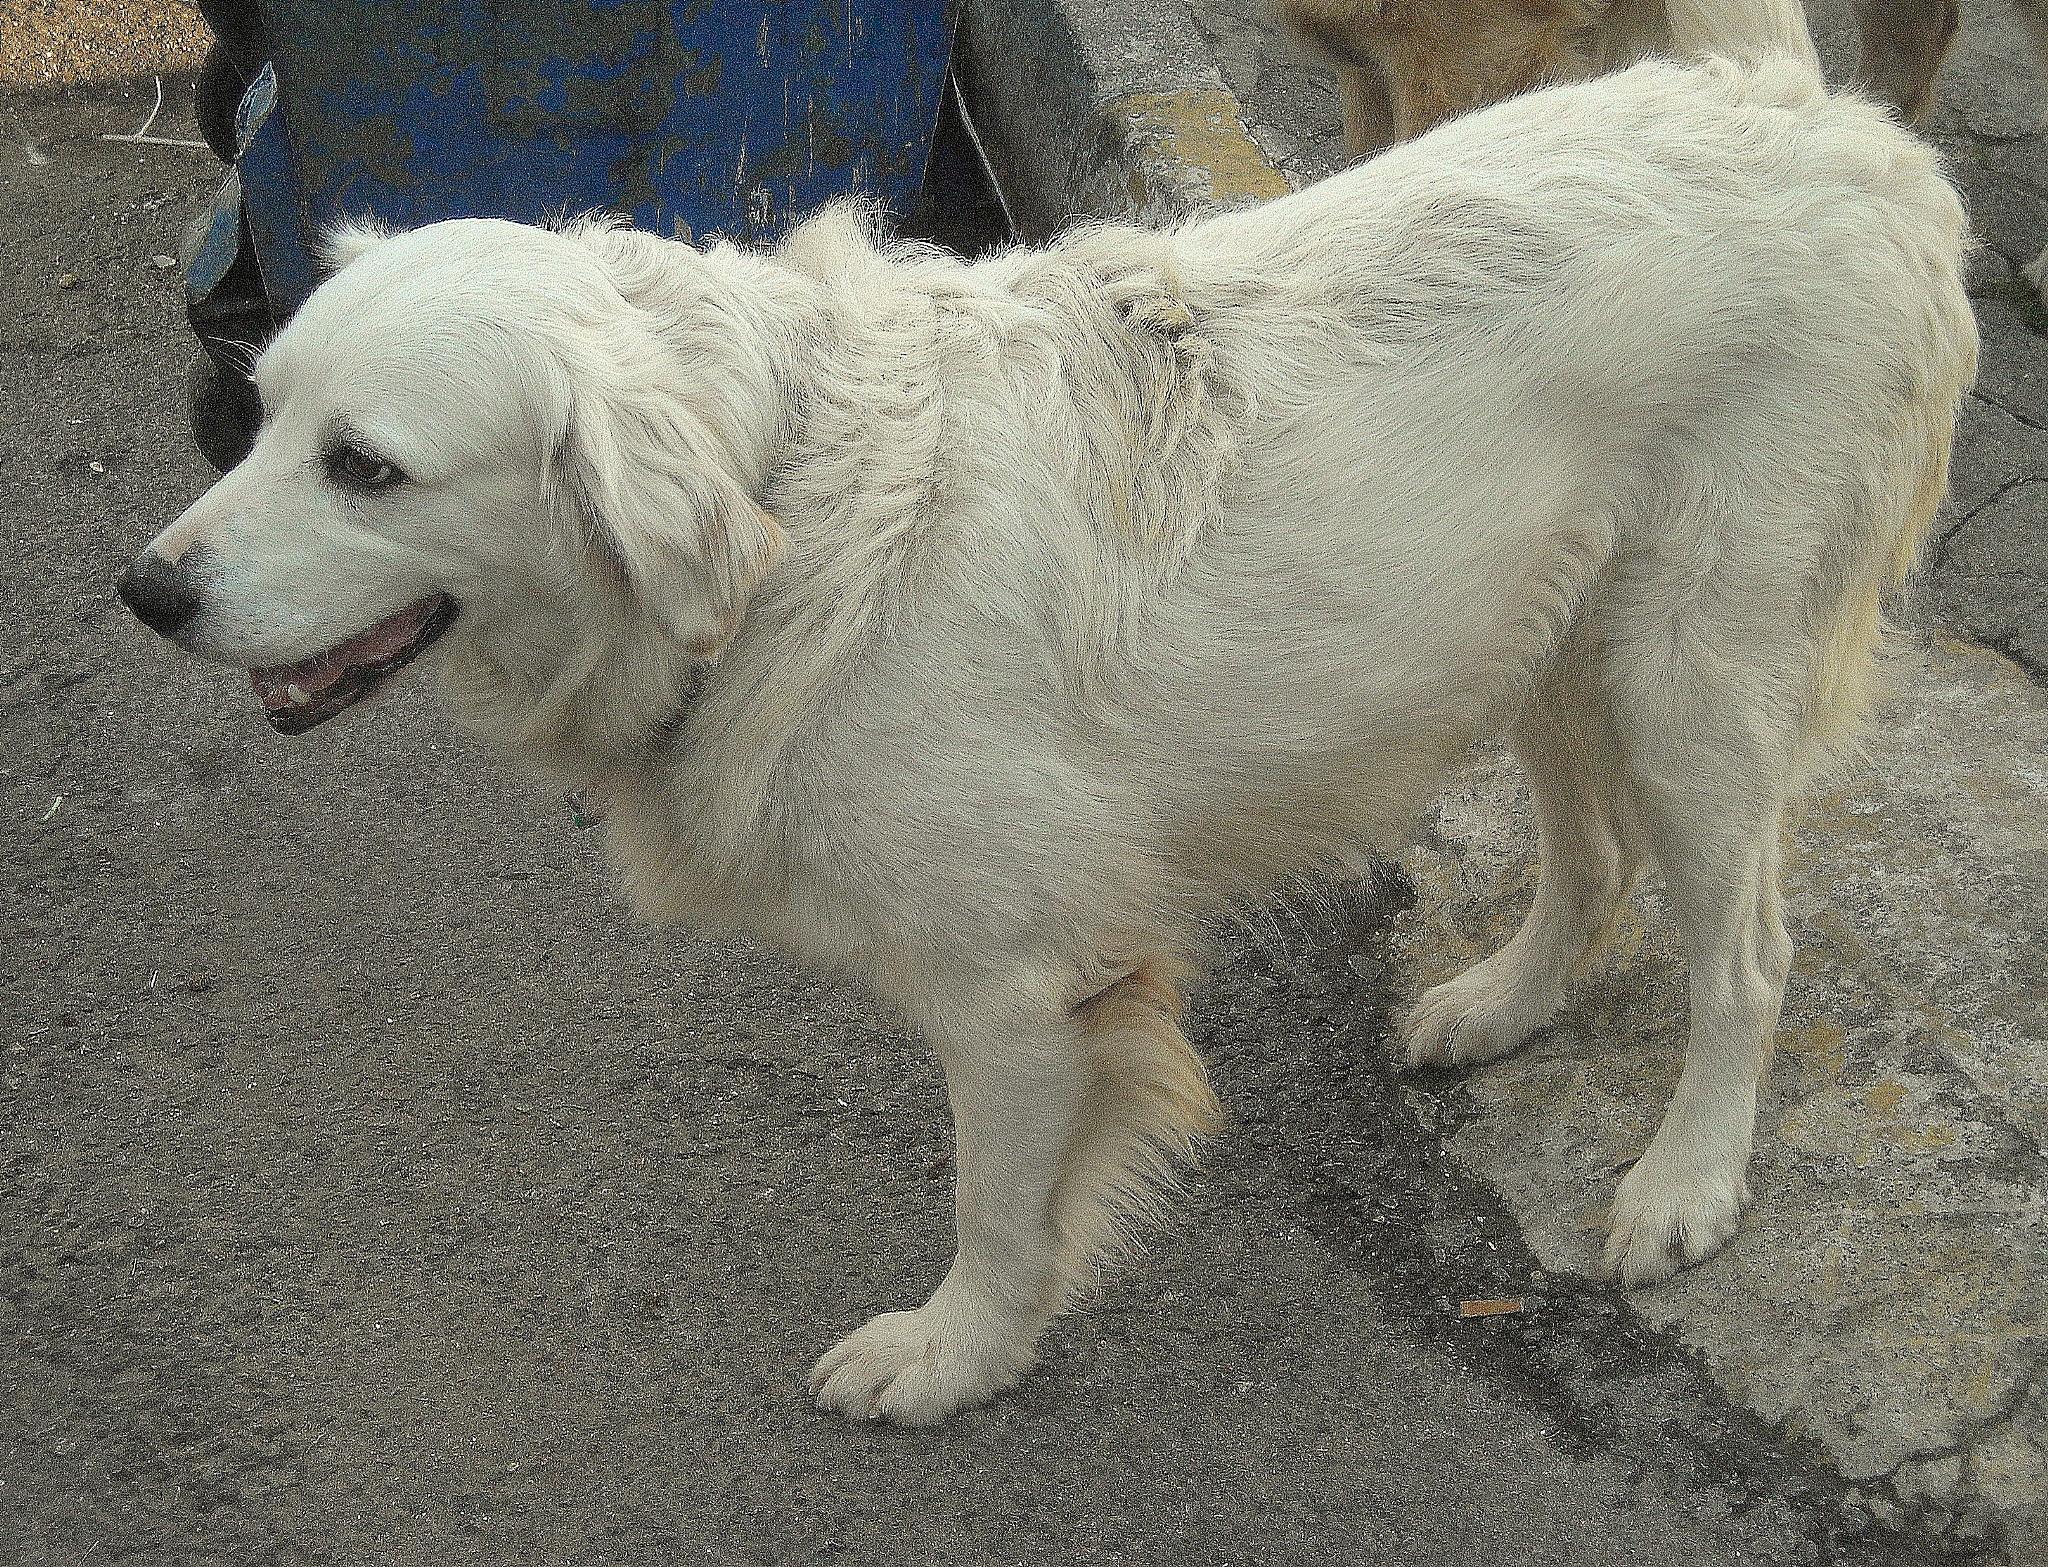 POOR SWEET DOG HAS TREE LEGS by Akin Saner